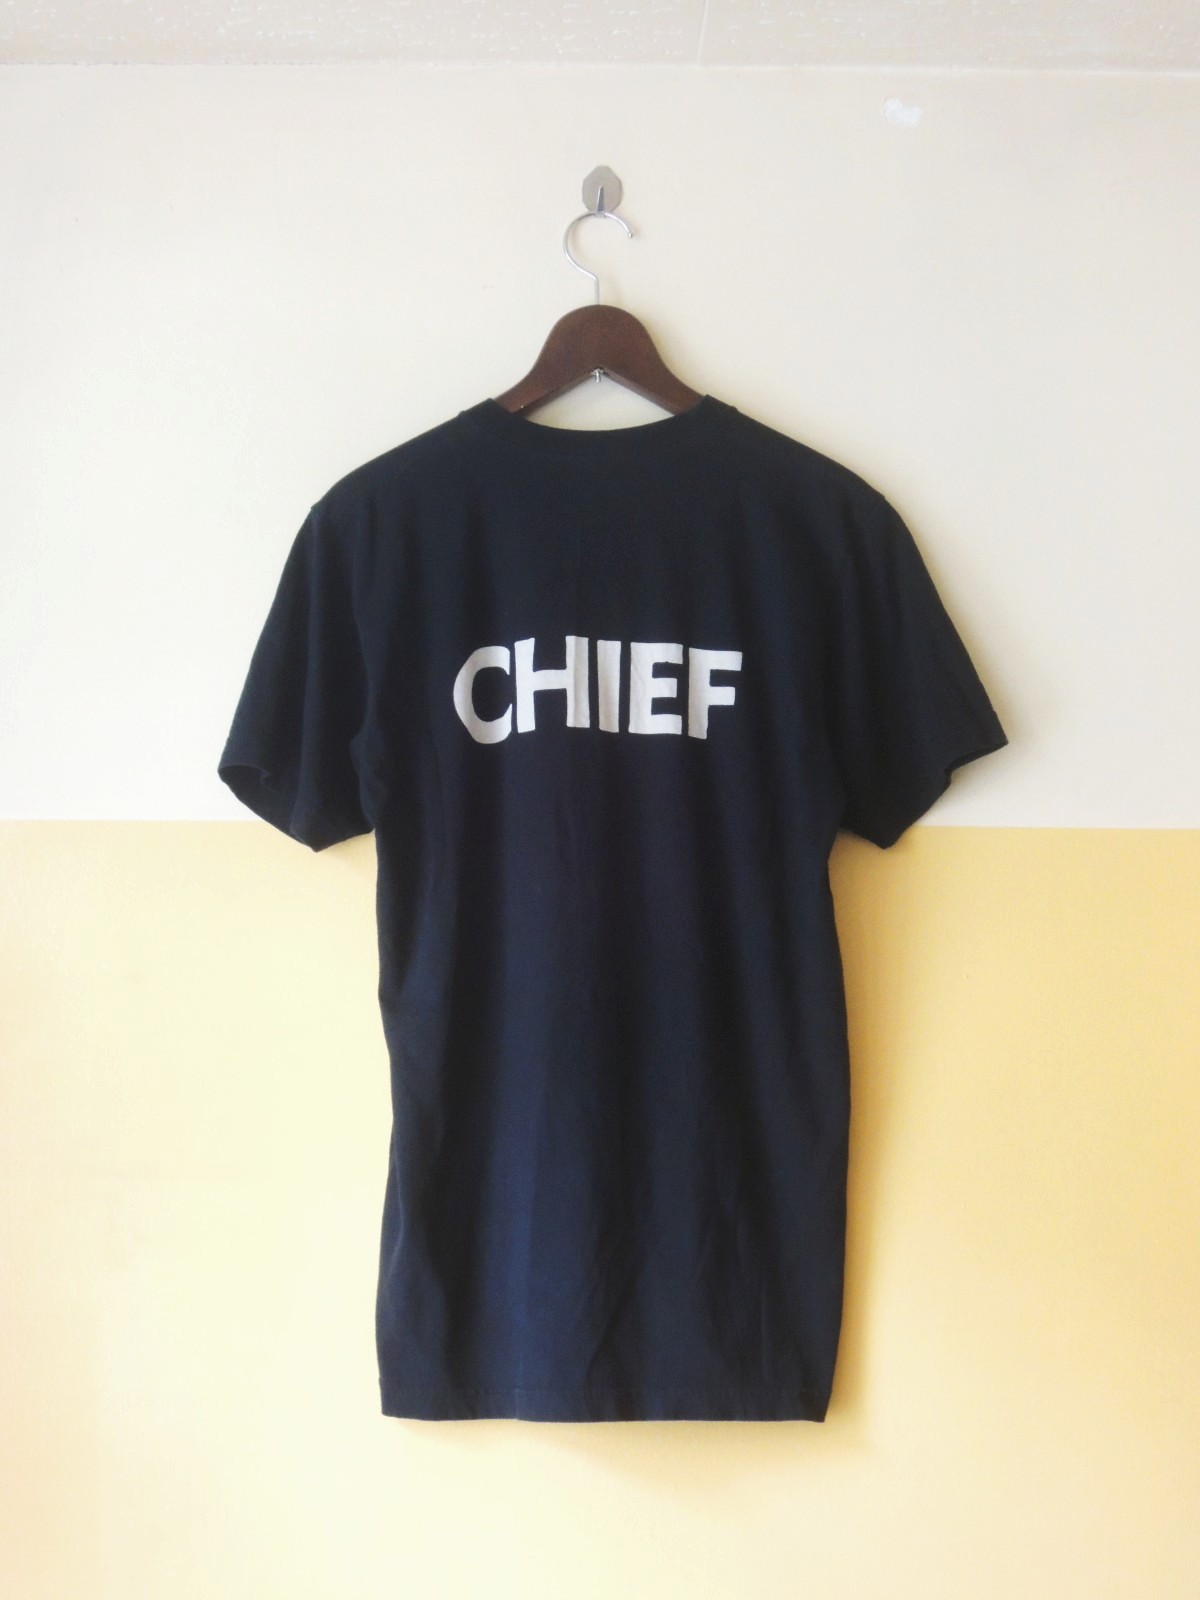 chieftshirts02.JPG